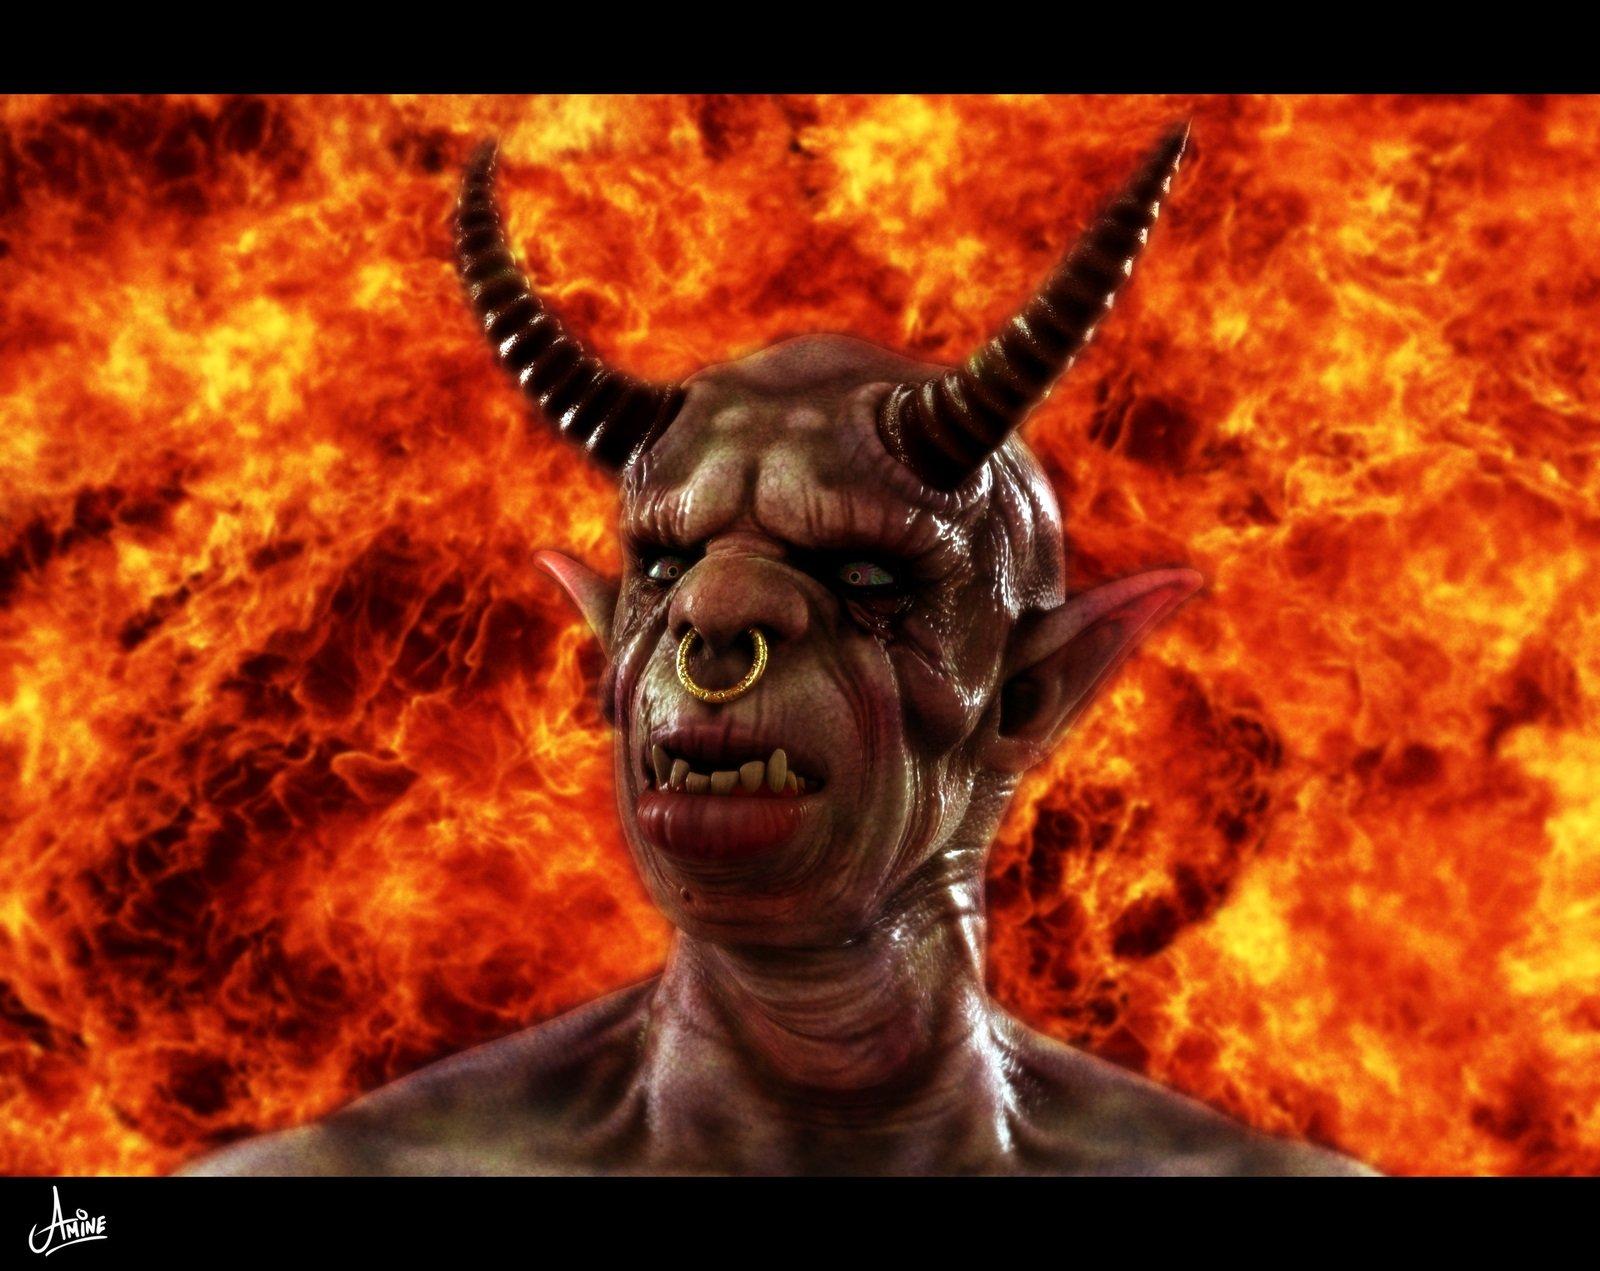 Дьявол и картинки, картинки